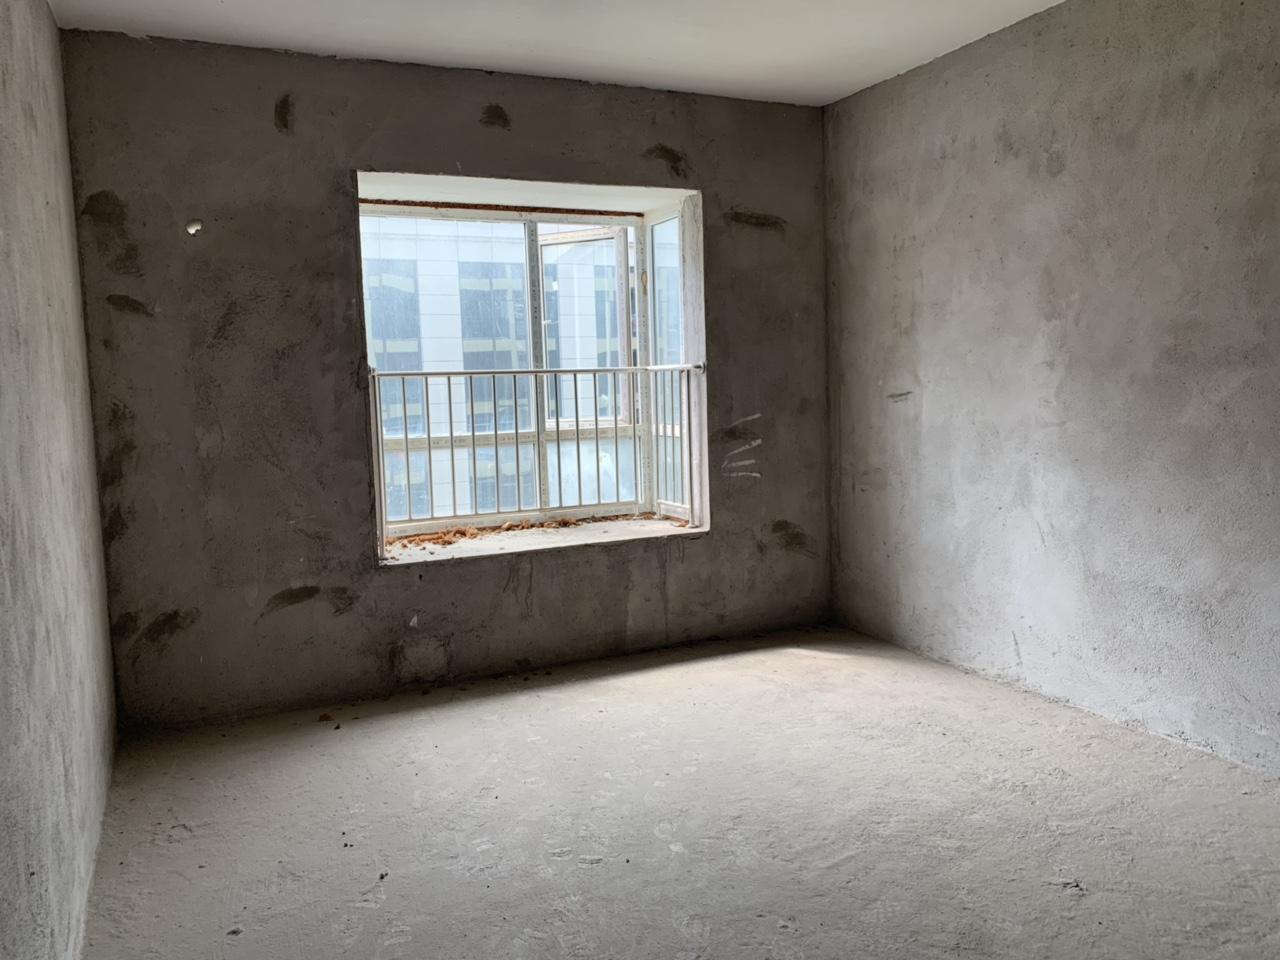 龙凤夏威夷3室 2厅 2卫60万元  毛胚 高性价